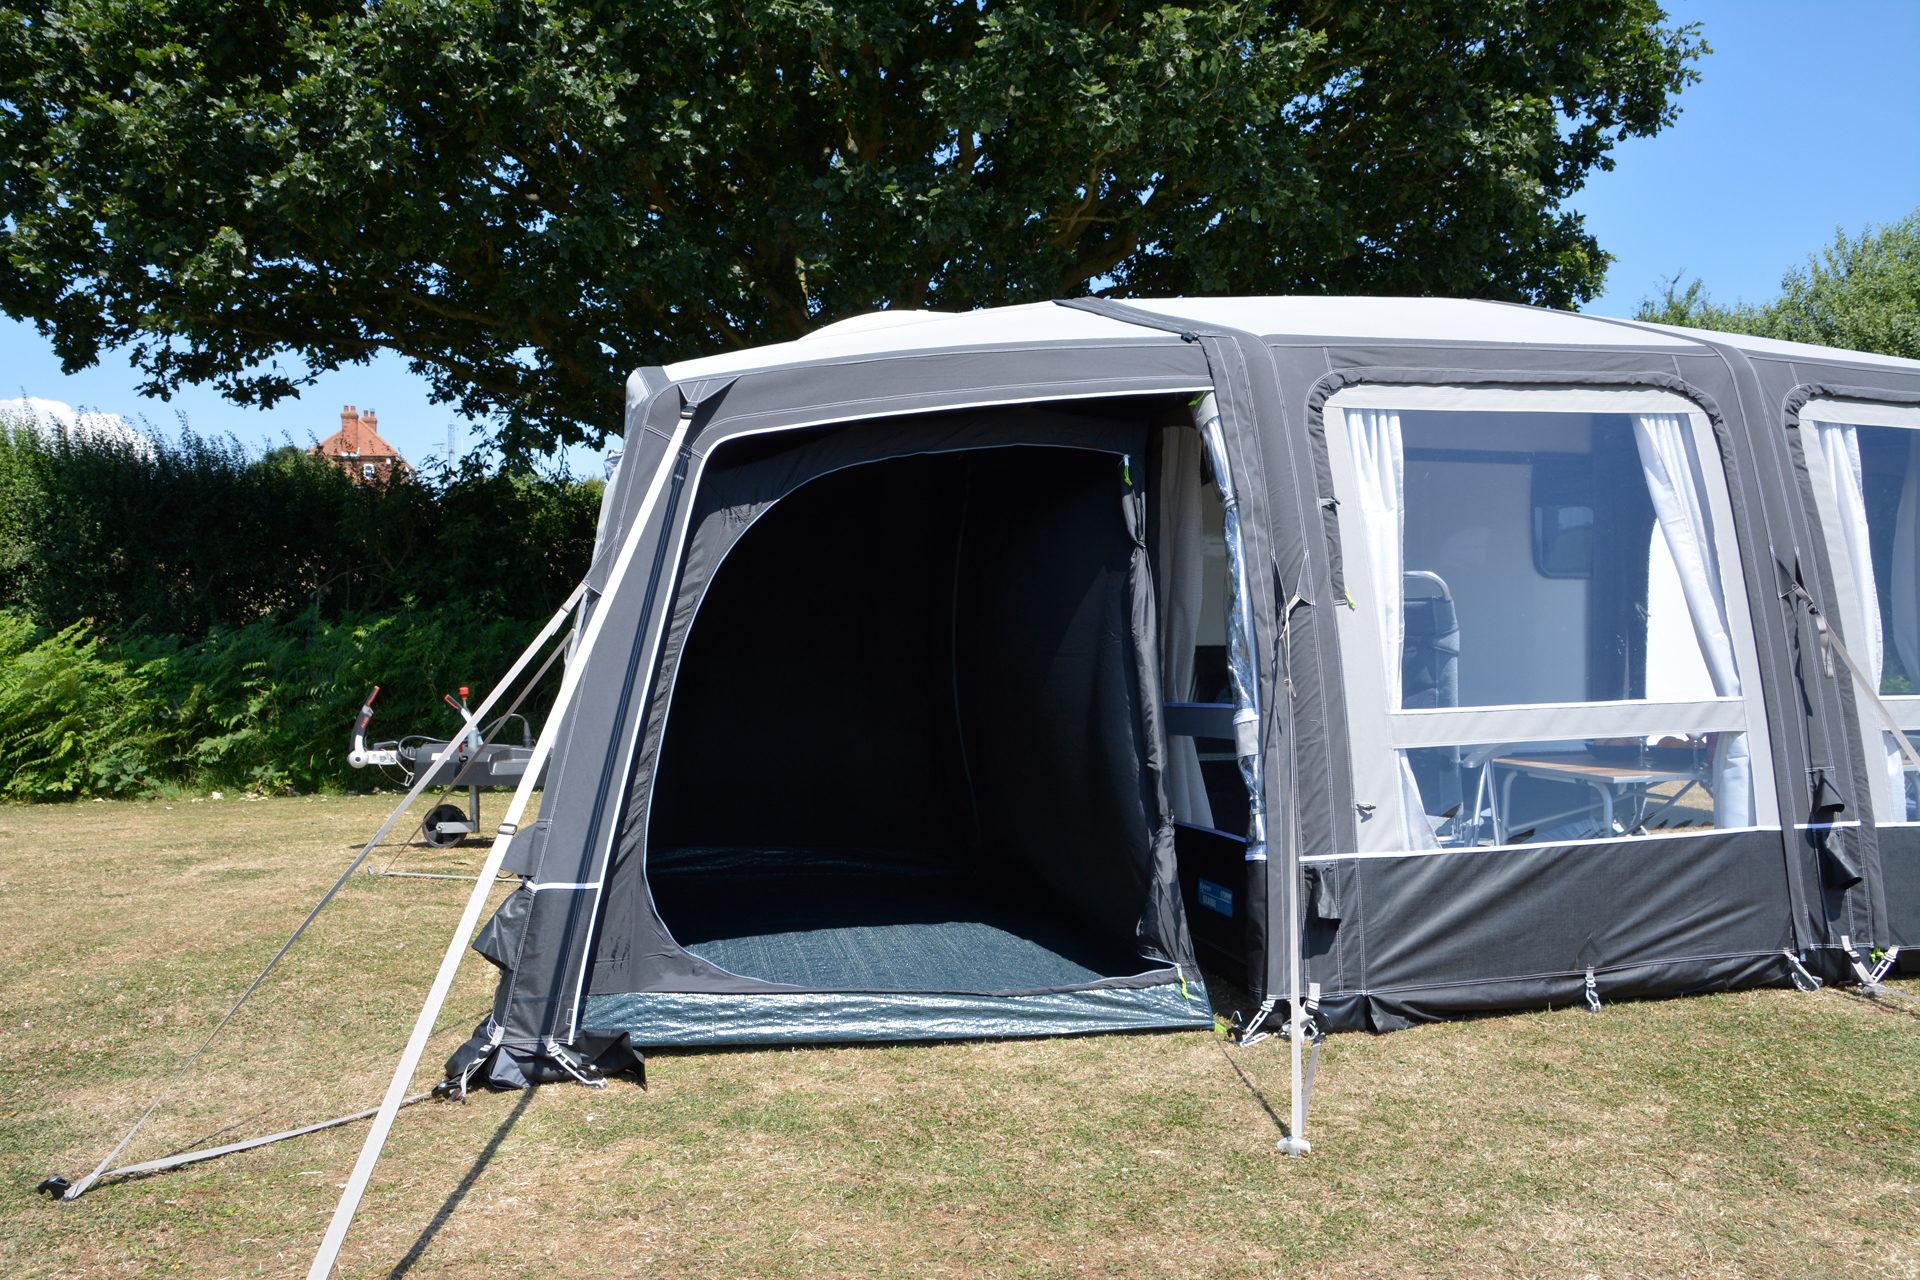 Grande AIR inner tent